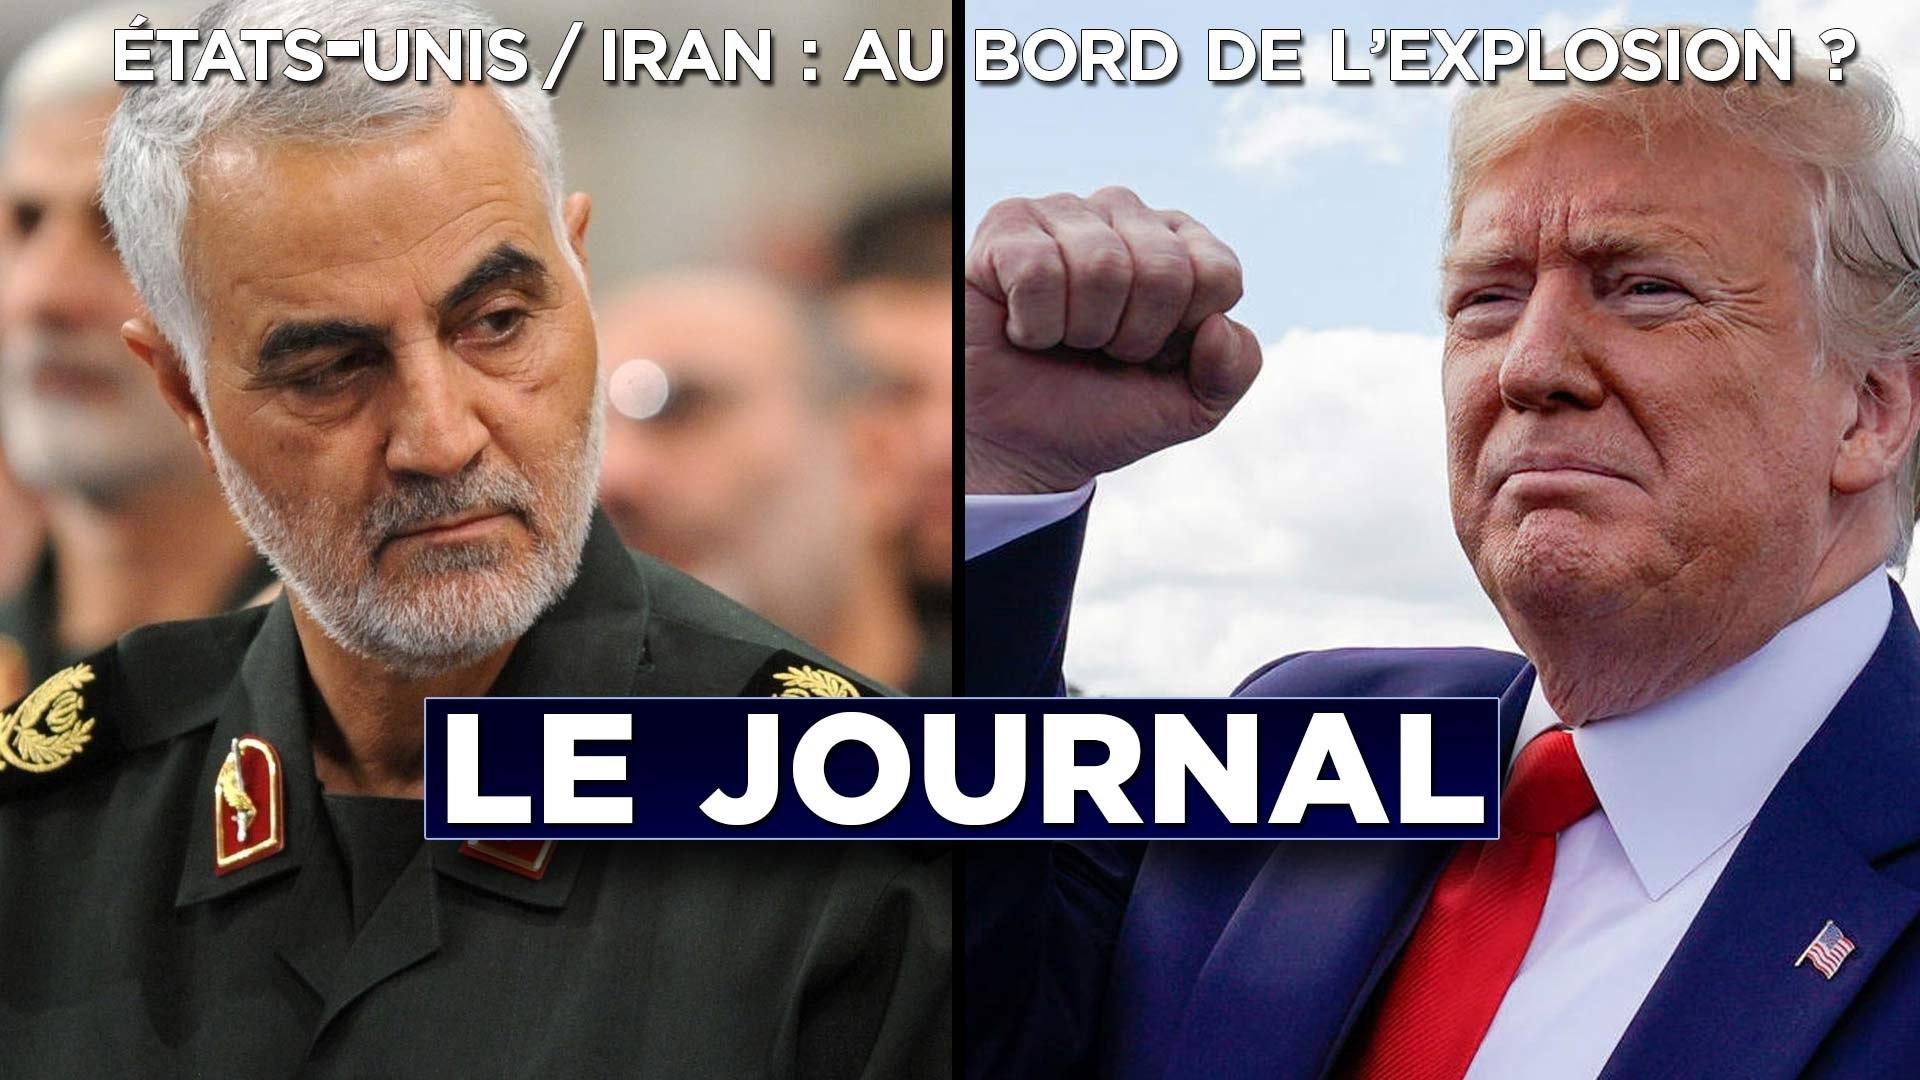 Etats-Unis/Iran : au bord de l'explosion ? Journal du vendredi 3 janvier 2020